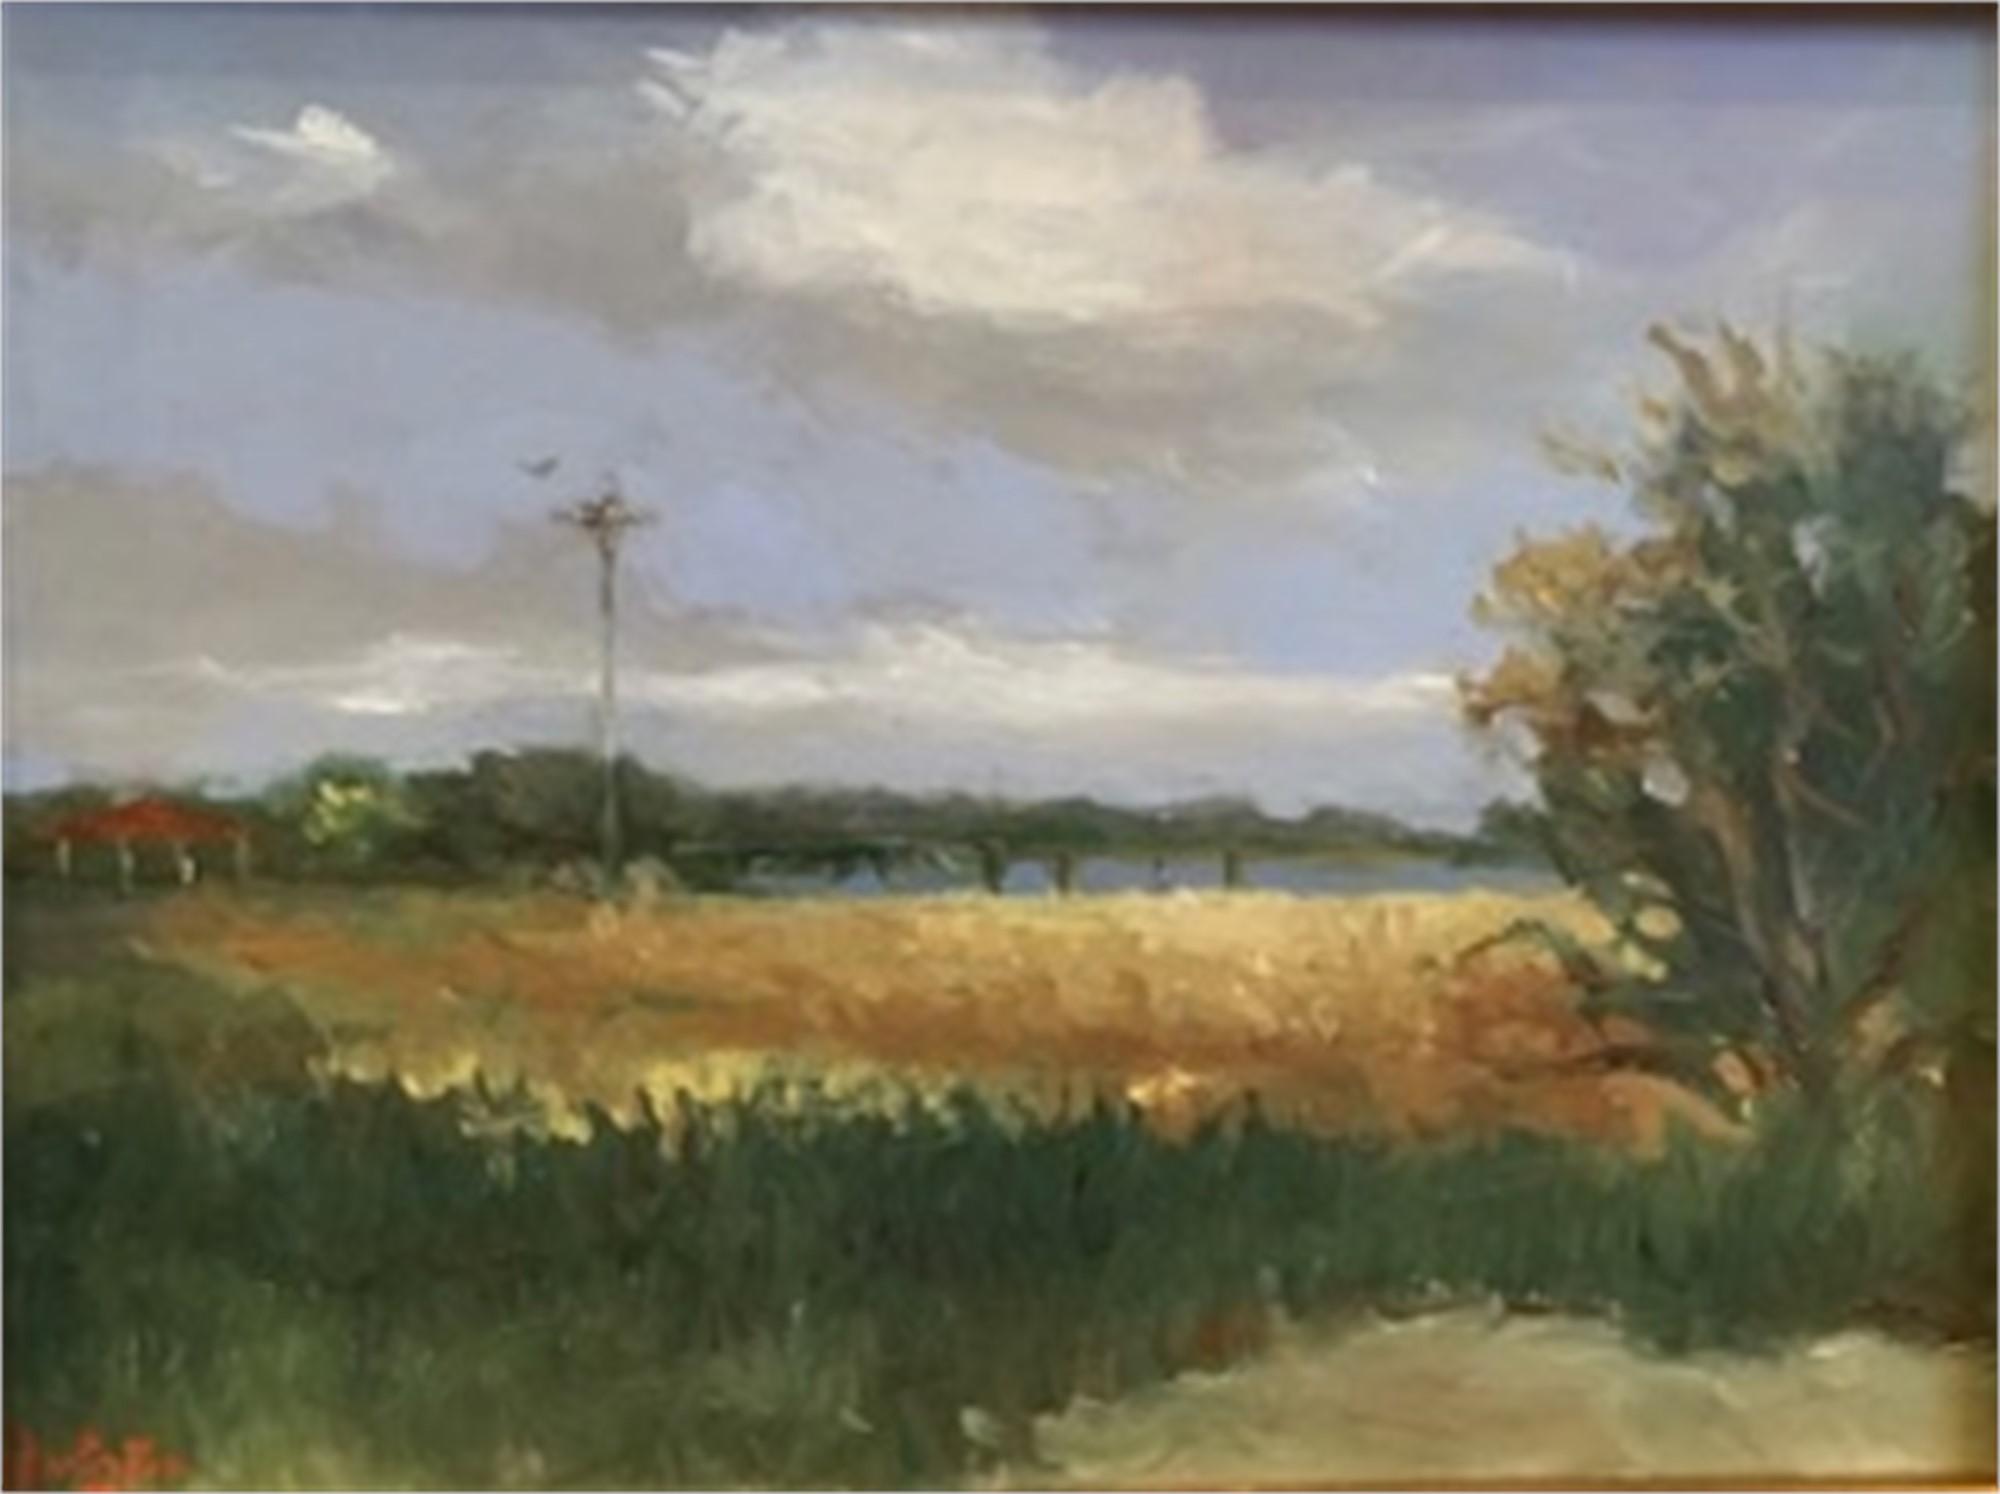 The Osprey Nest, Station #9 by Jim Darlington